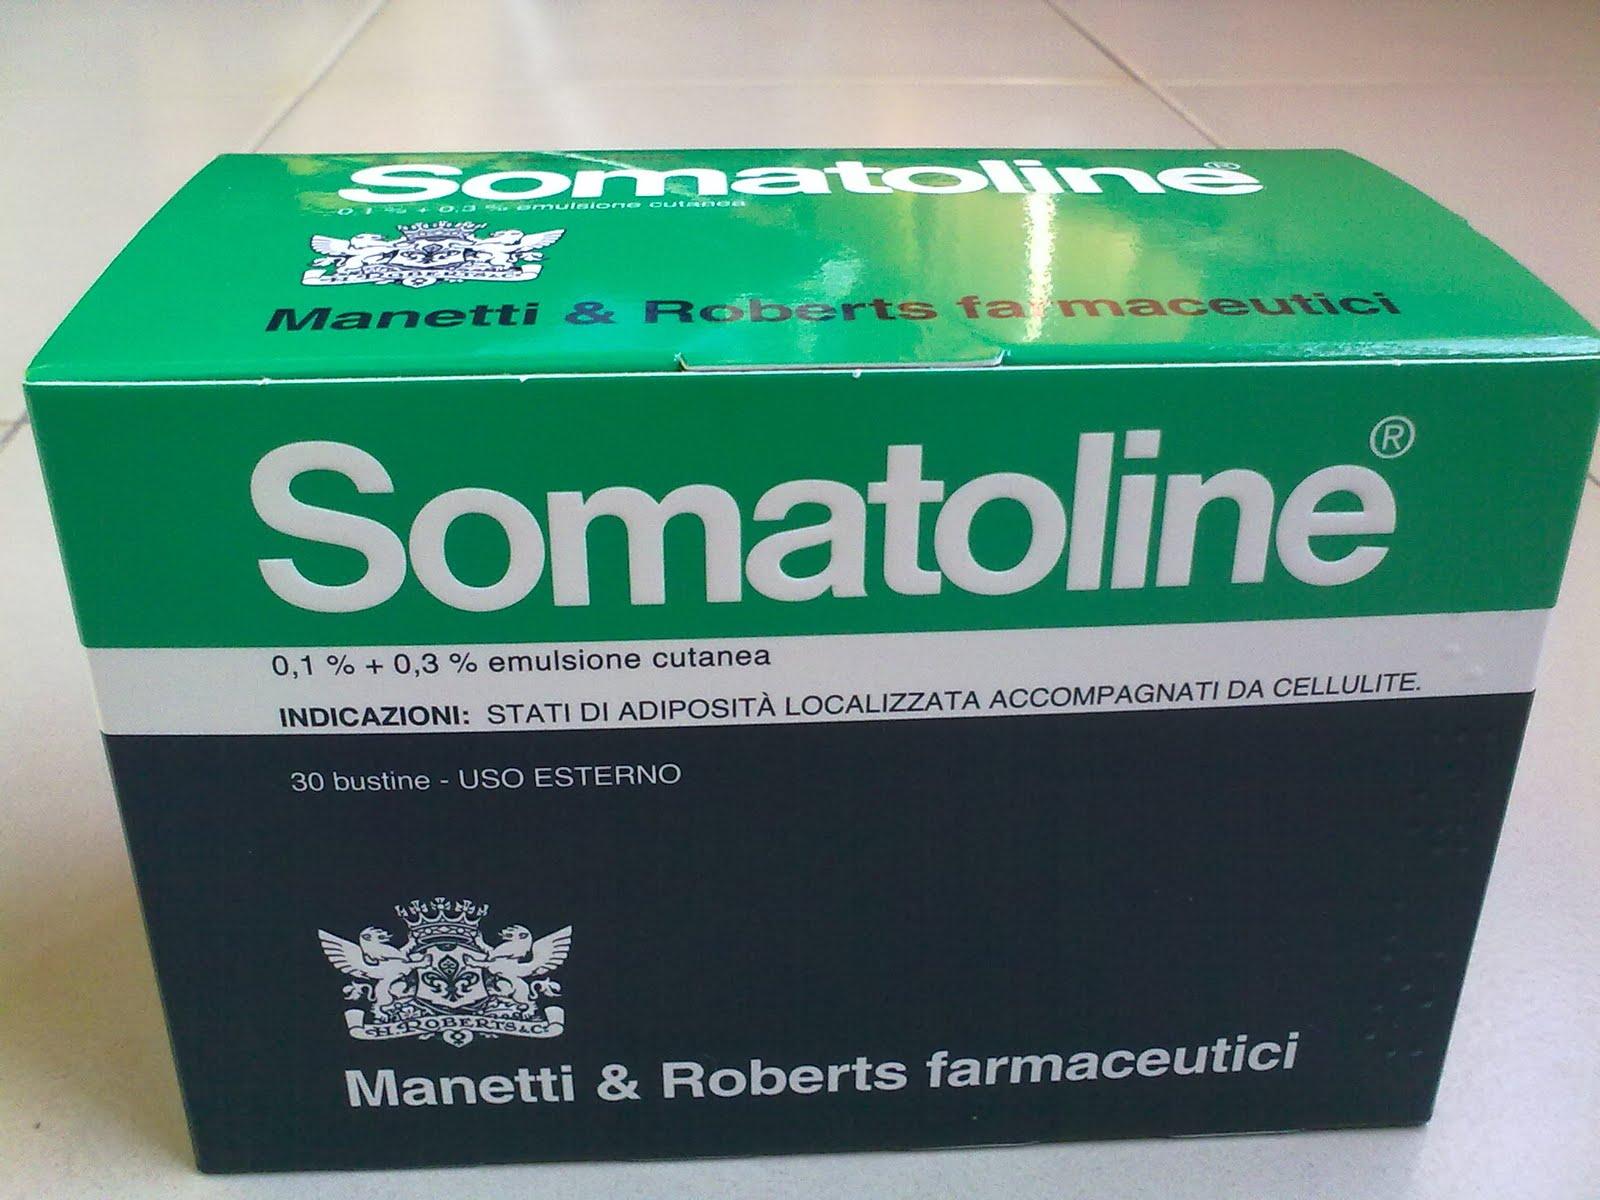 Somatoline anticellulite bustine: come funziona e come si usa